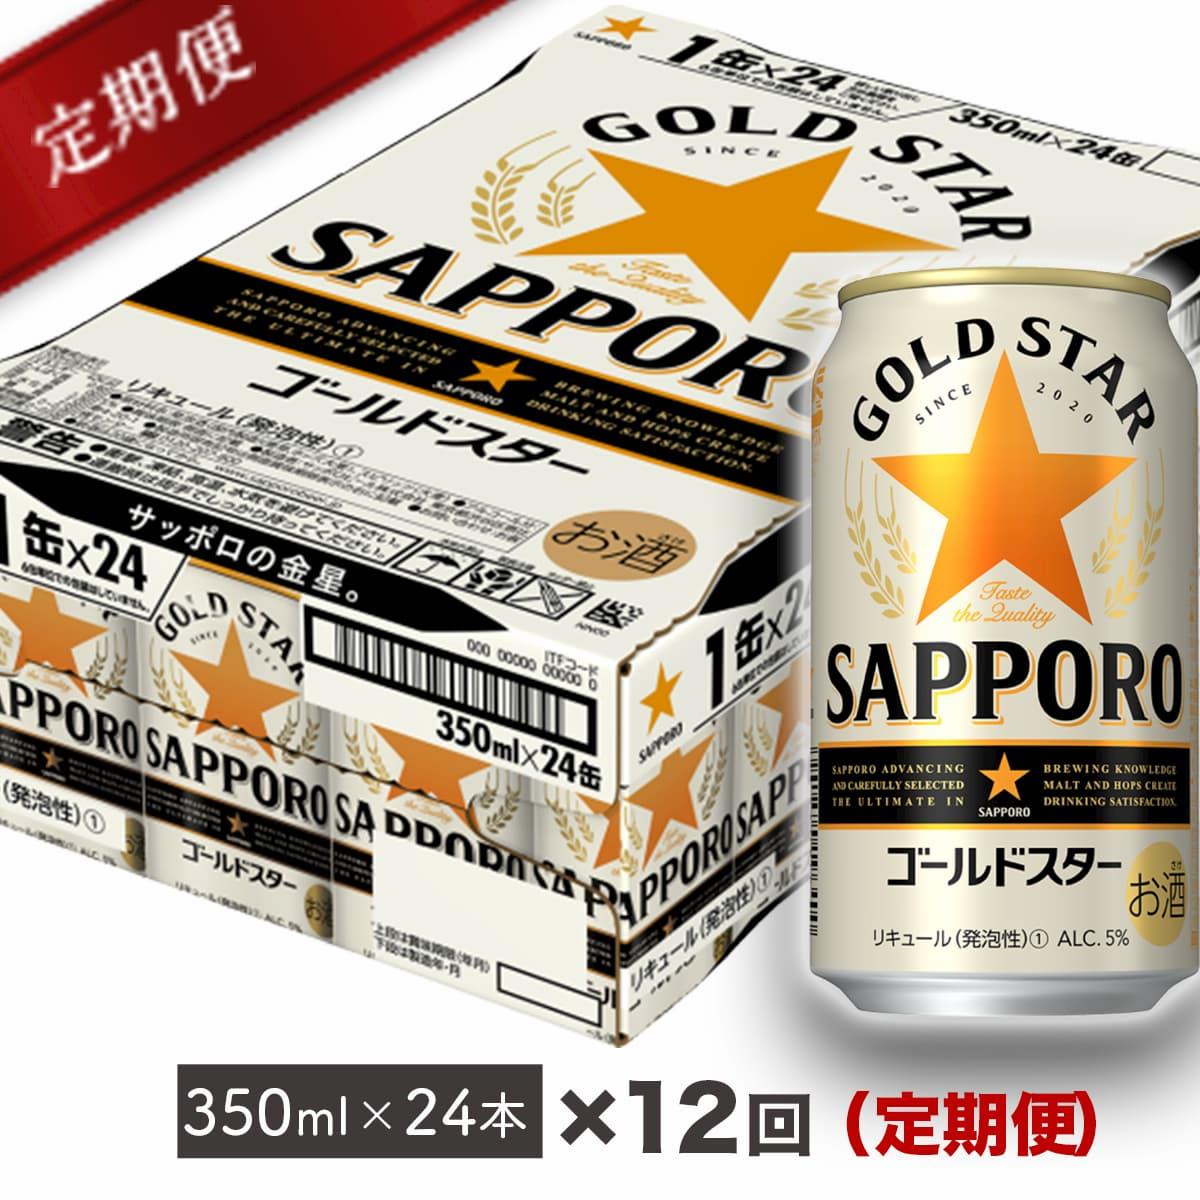 【ふるさと納税】地元名取産 サッポロ ゴールドスター 金星 350ml缶×24本(1ケース)を12回お届け